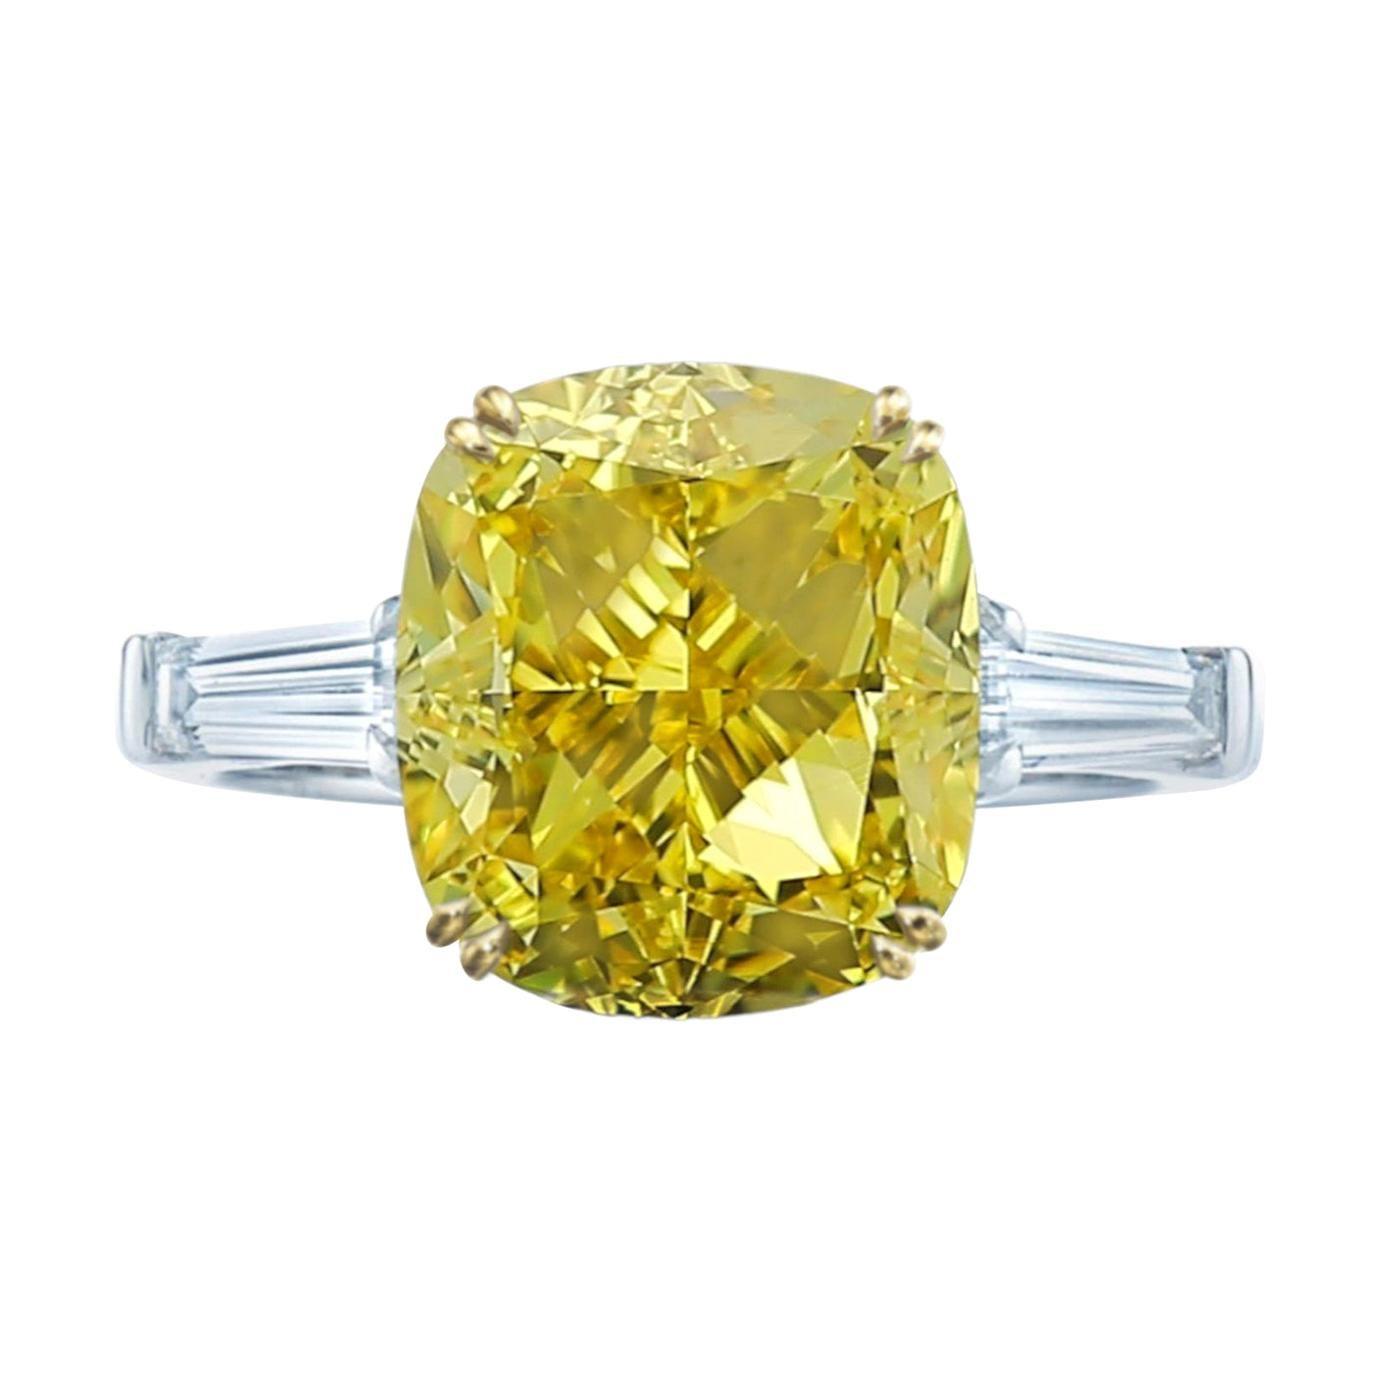 GIA Certified 4 Carat Fancy Intense Yellow Cushion Diamond Platinum Ring